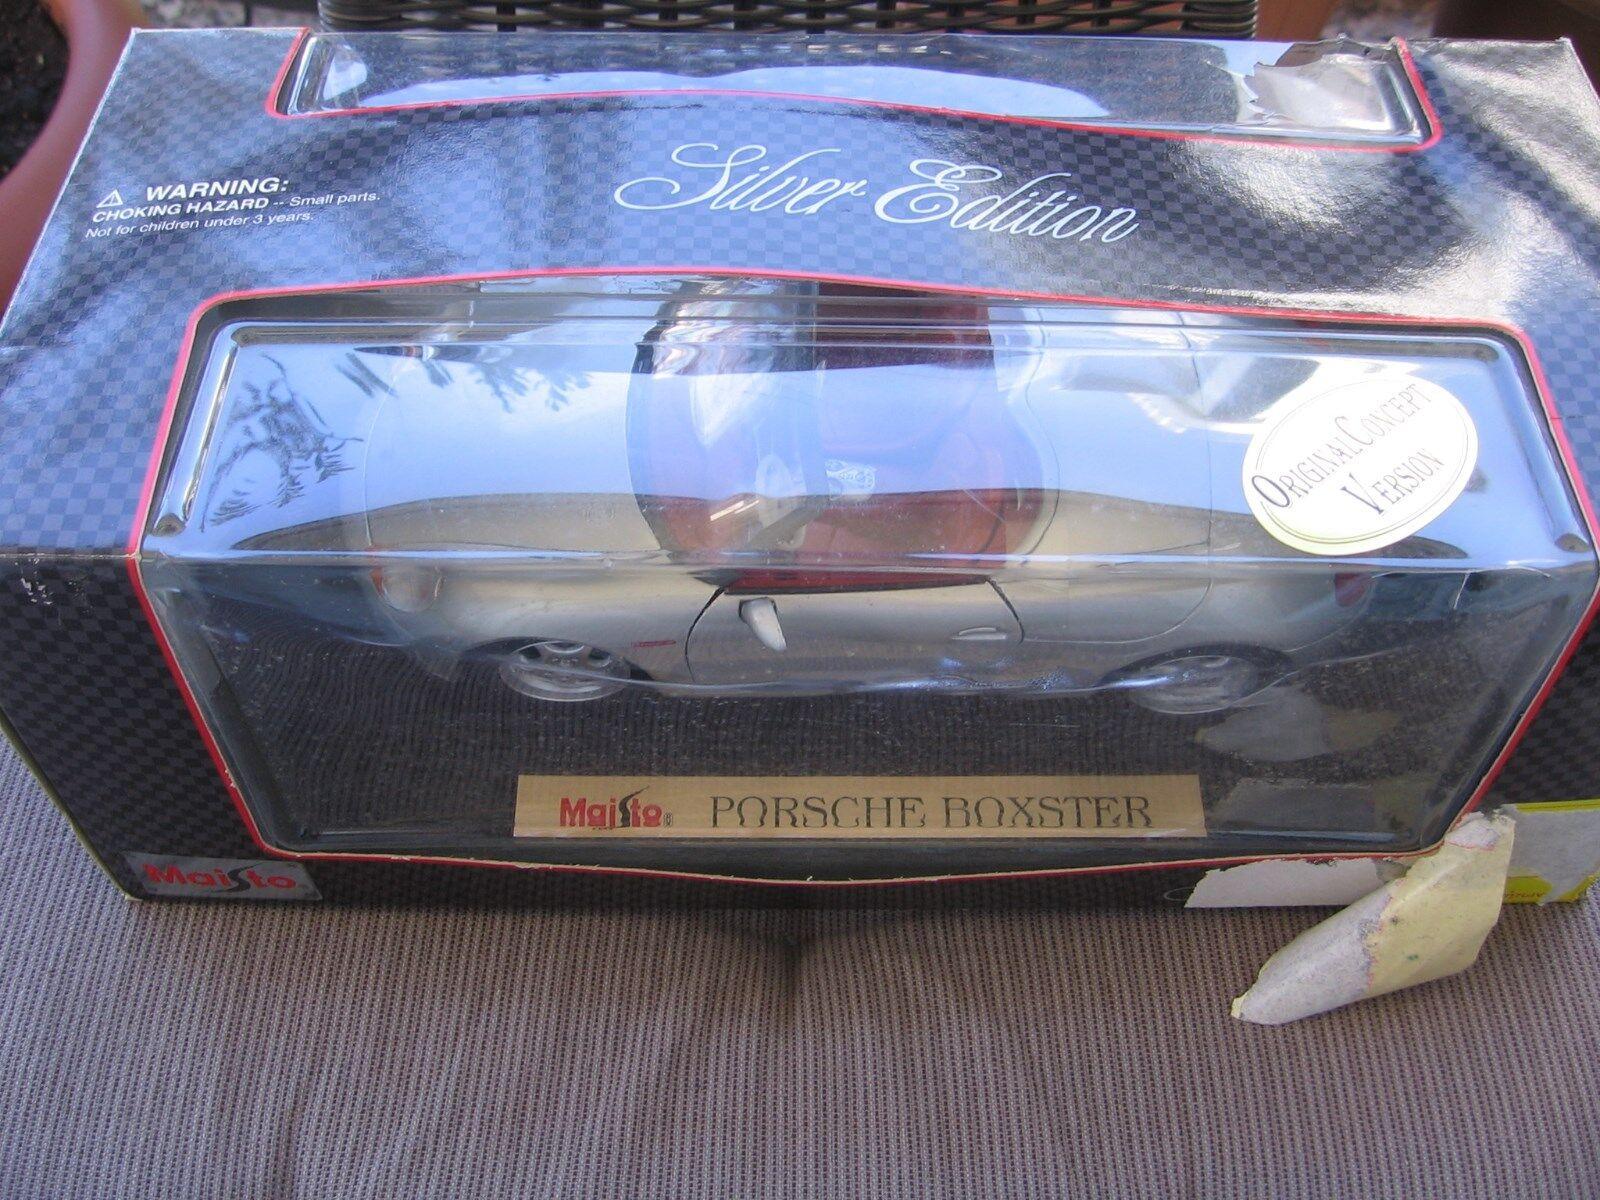 primera vez respuesta Porsche Boxster plata 1 18 maisto OVP & & & New   Ahorre 35% - 70% de descuento